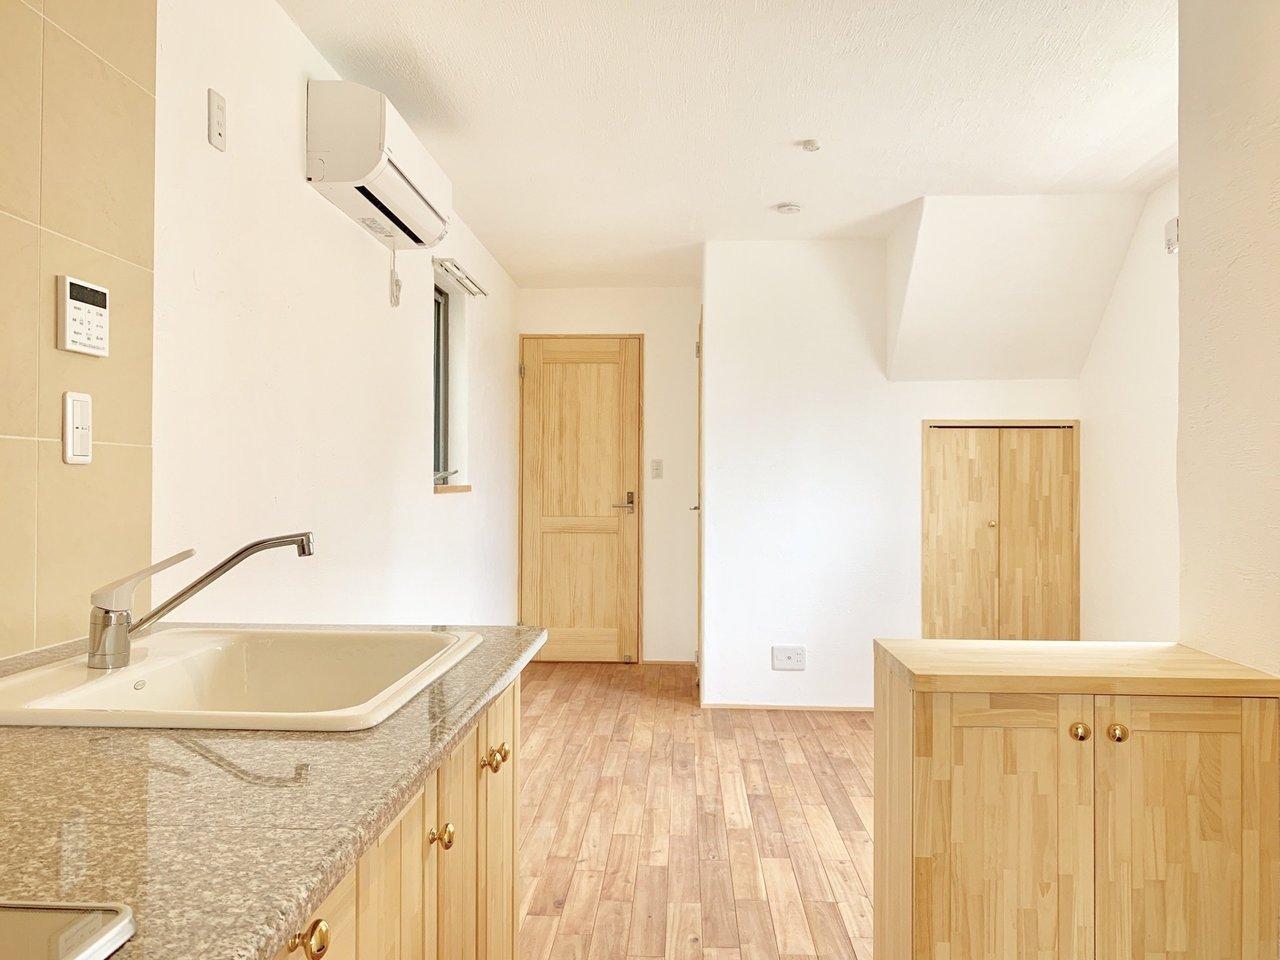 無垢材をふんだんに使用した、木のぬくもりを感じるお部屋。1LDKで、リビングと寝室がキッチンを挟んで分かれているので、生活する時間が異なる2人ちょうどいいかも。